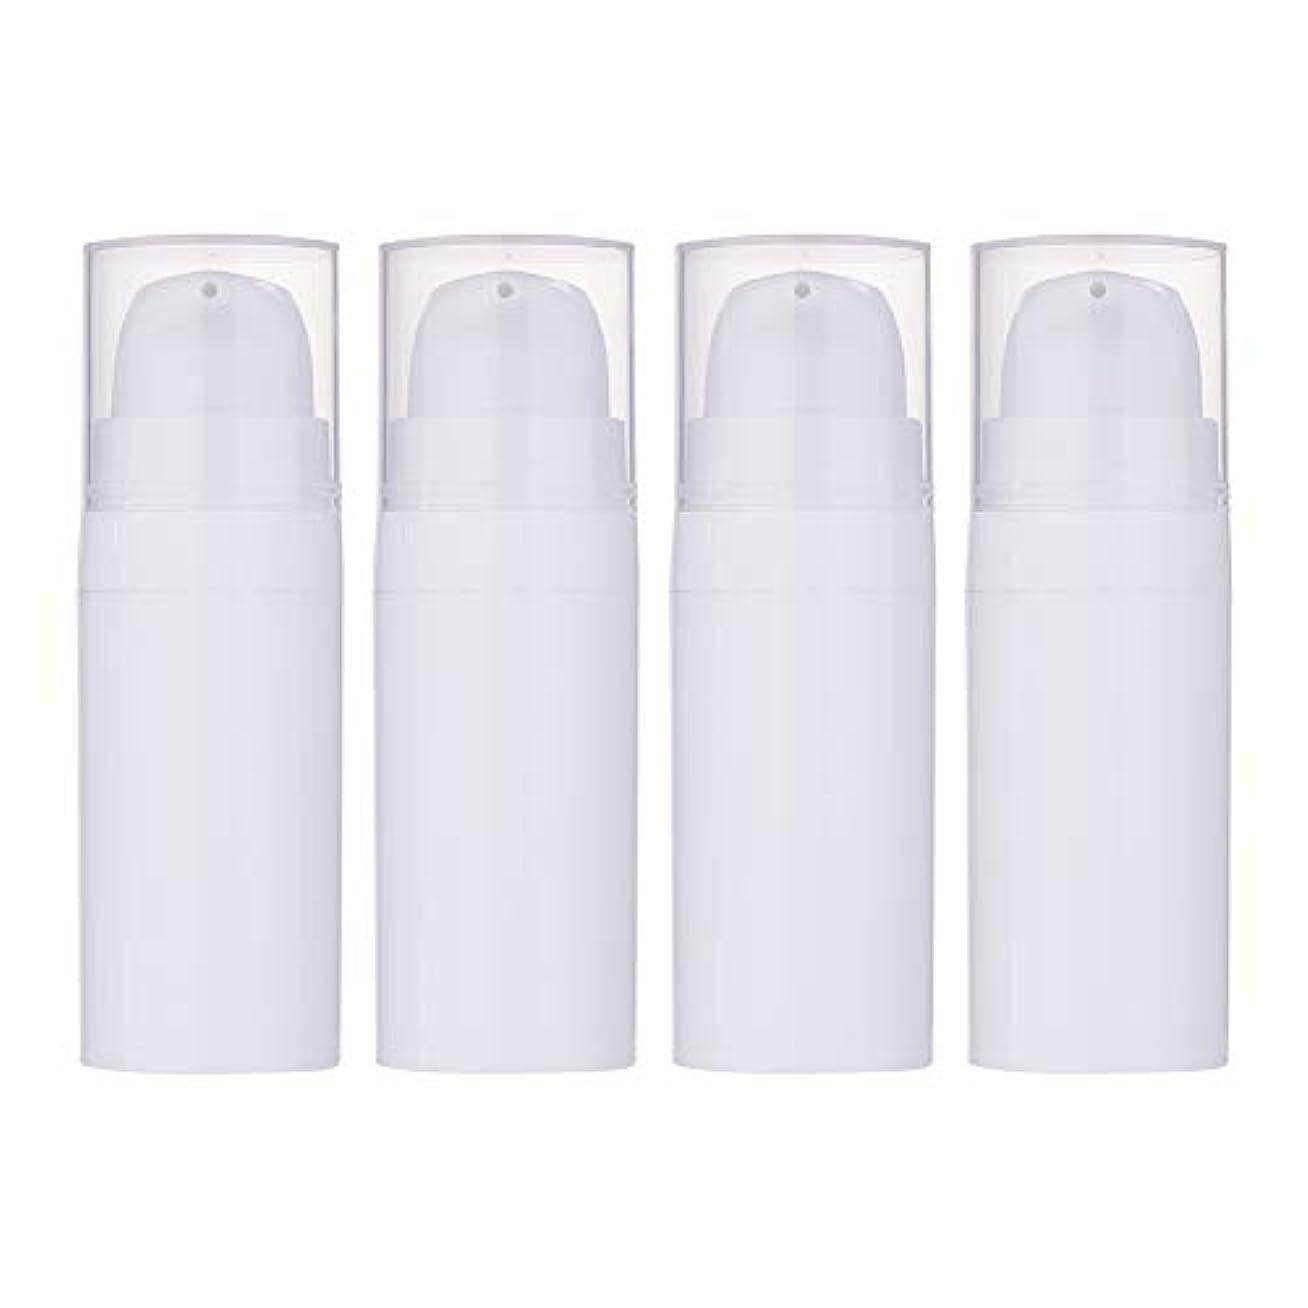 カスタム不倫単調なBENECREAT 10個セット10ml真空ポンプボトル 空ボトル クリーム 化粧水ボトル 化粧品小分けボトル 詰め替えボトル トラベル 白色